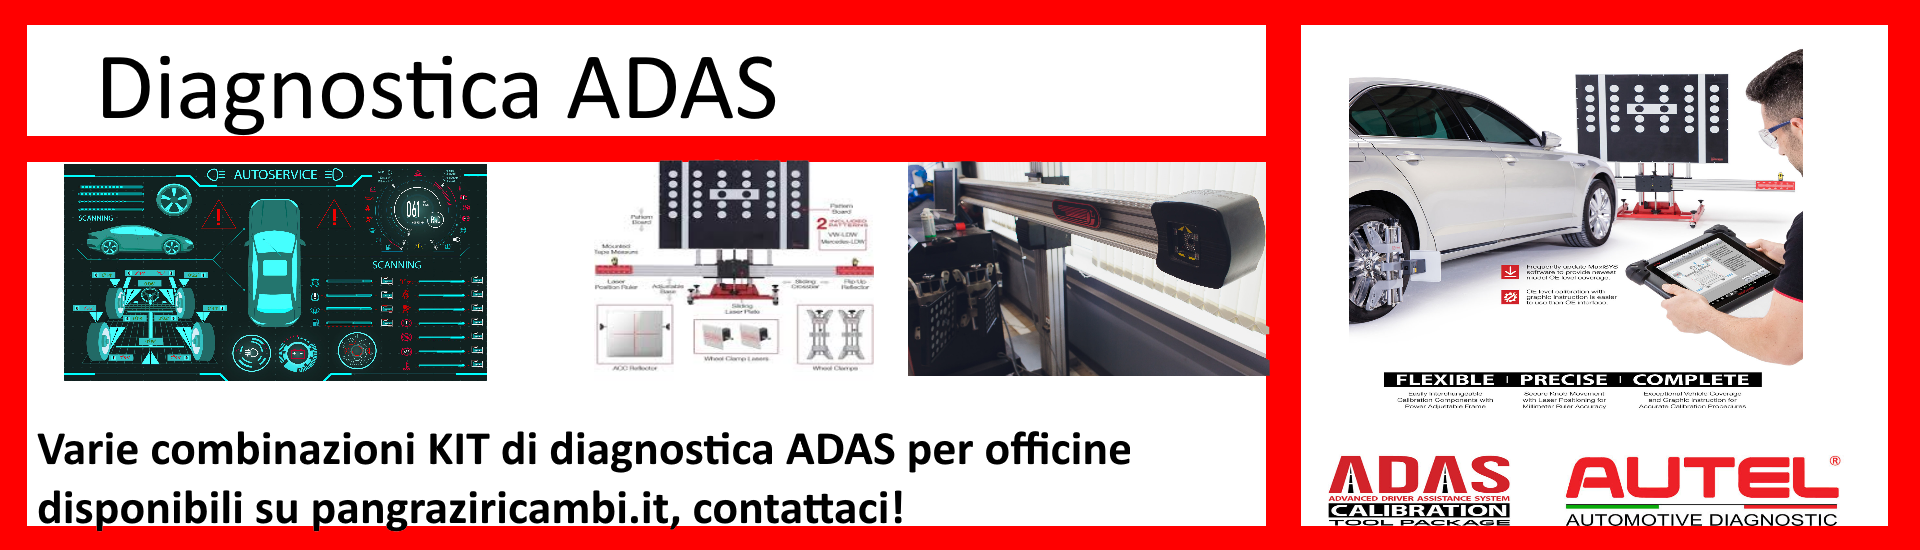 Diagnostica ADAS